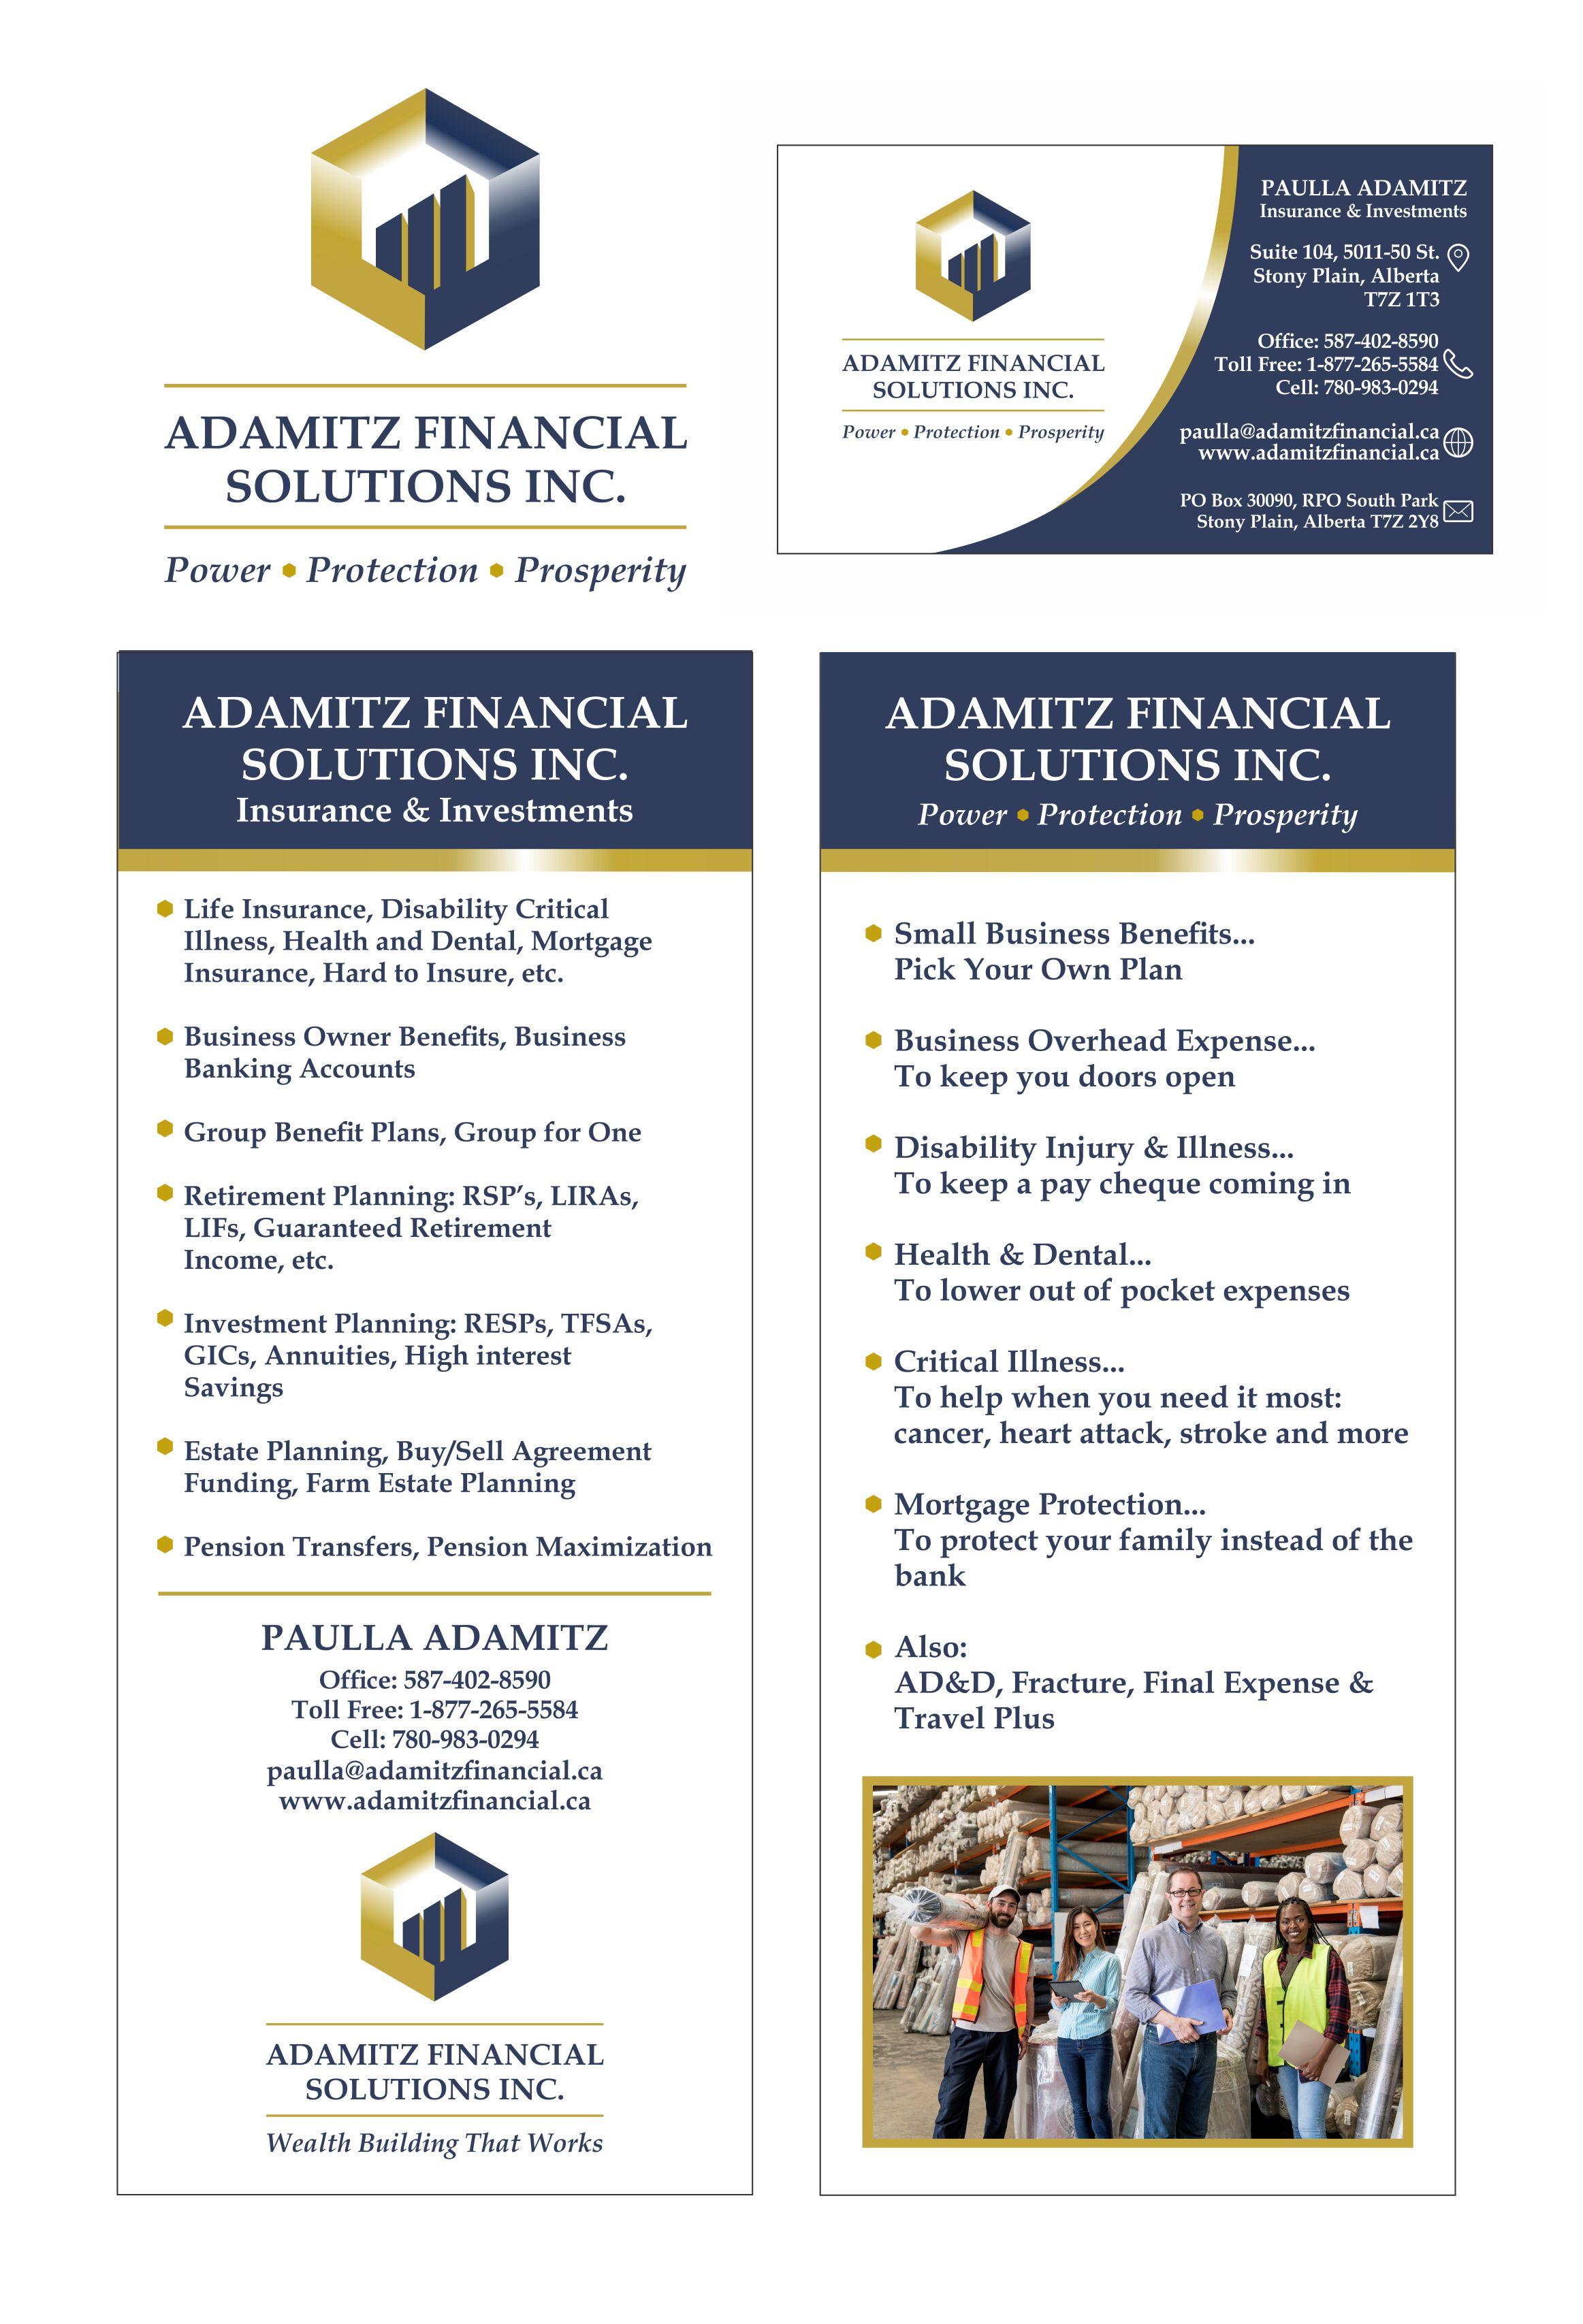 Adamitz Financial Solutions IDEA.jpg